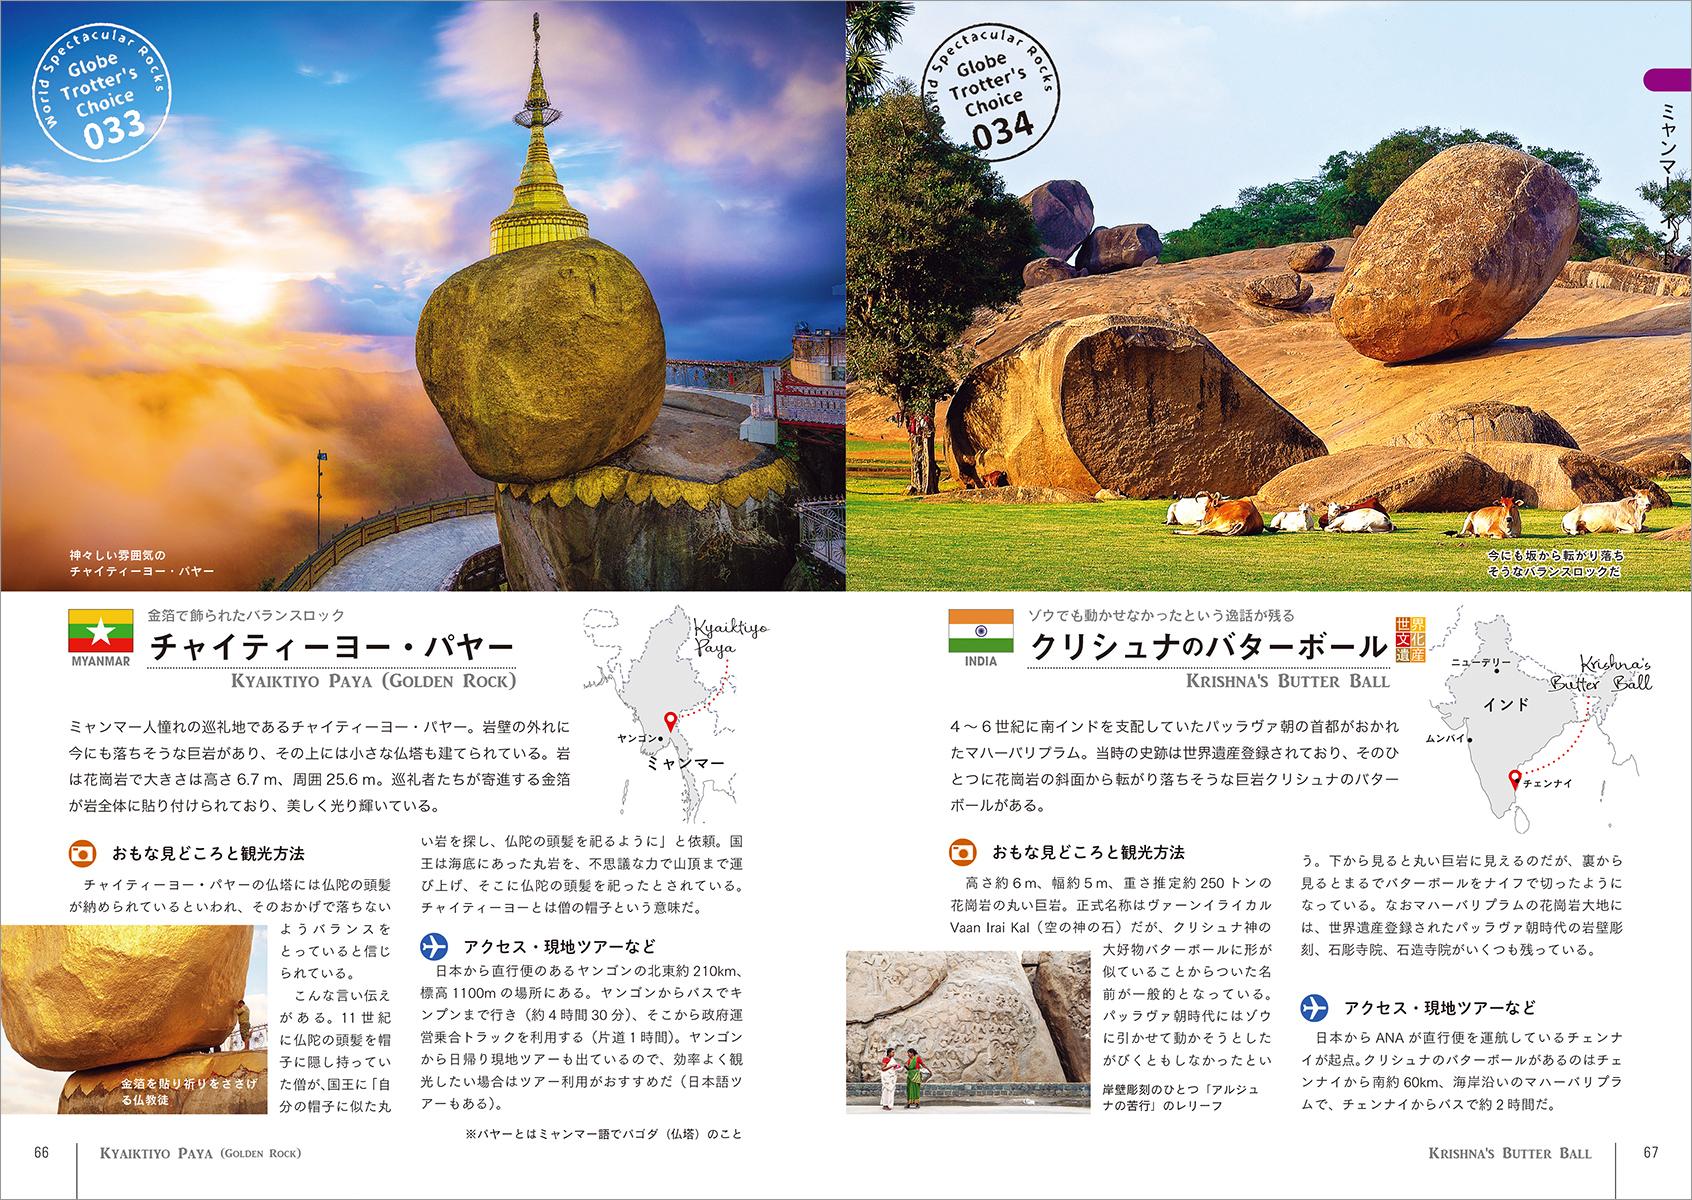 「岩の種類や歴史、地質用語の解説に加え、旅計画に役立つアクセス情報も掲載」紙面